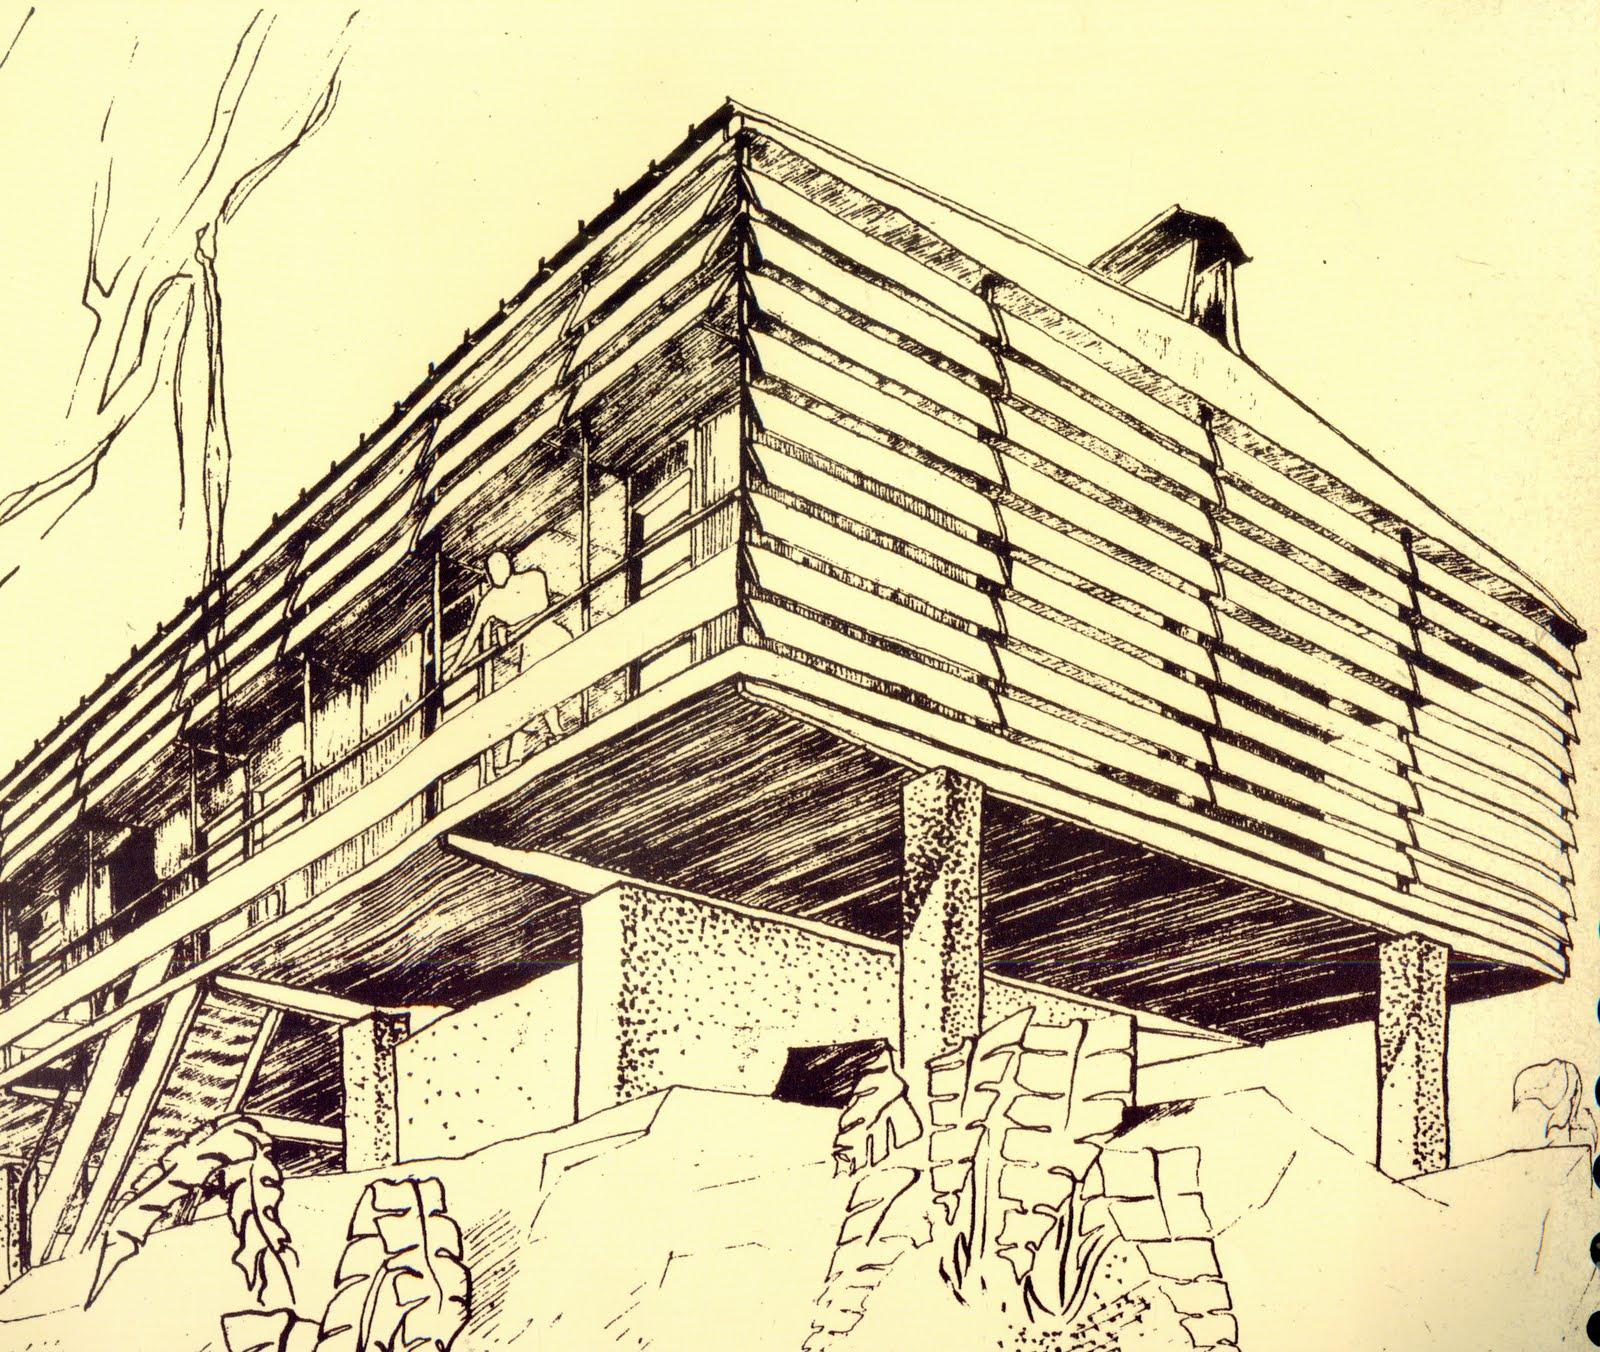 Maison Dessin Perspective : Arch les maisons tropicales december